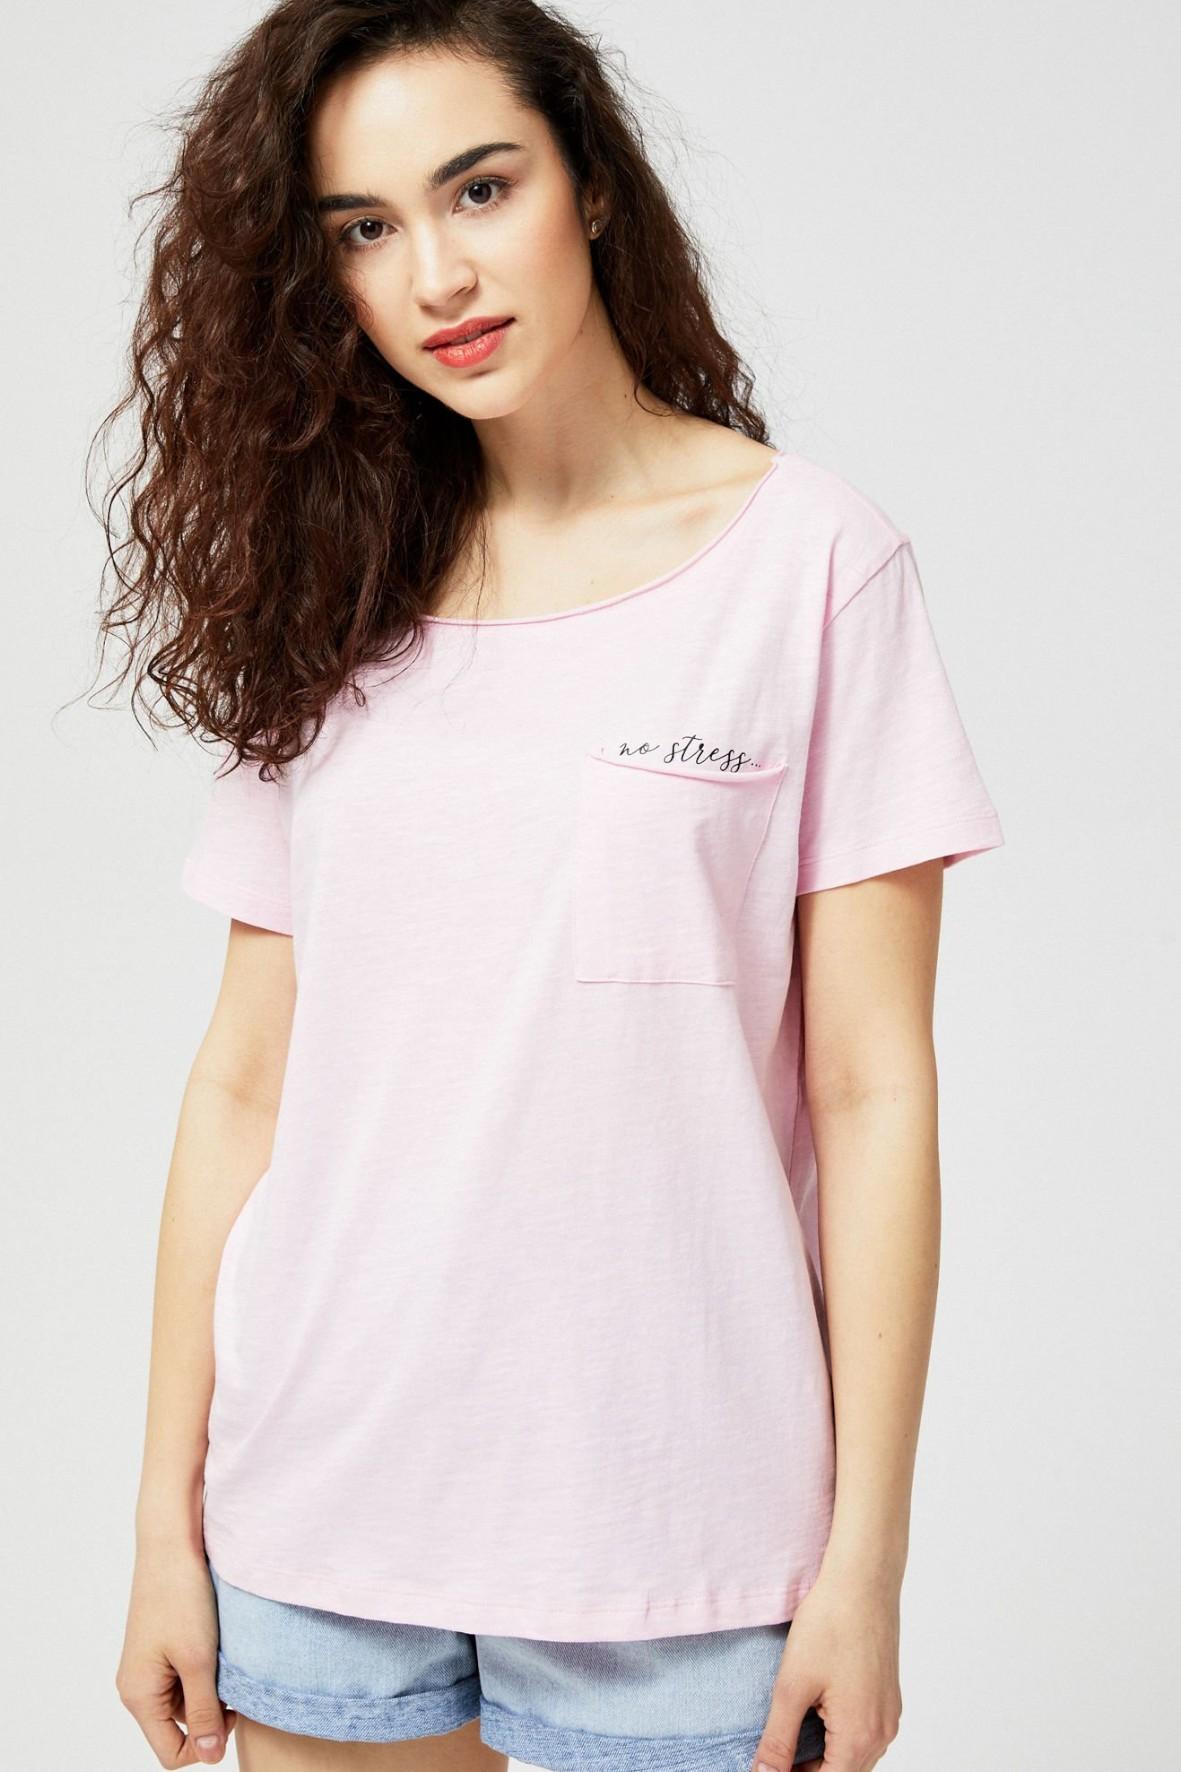 T-shirt damski bawełniany z kieszonką- No stress